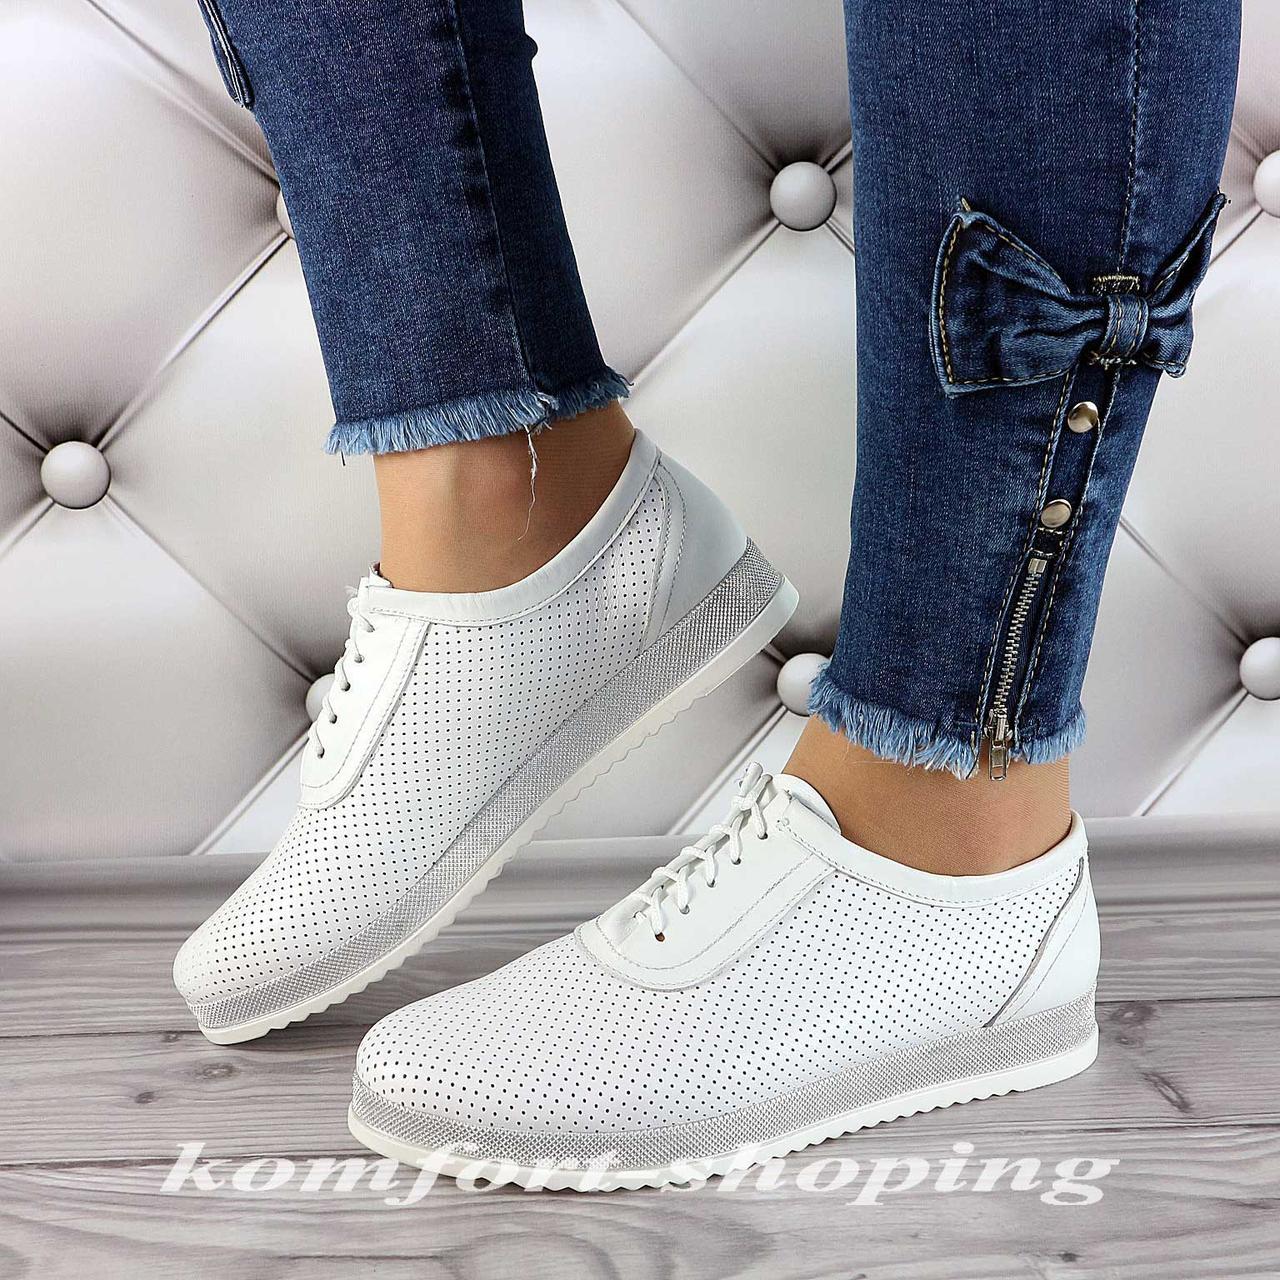 Туфли  женские кожаные белые на шнуровке  V 1252